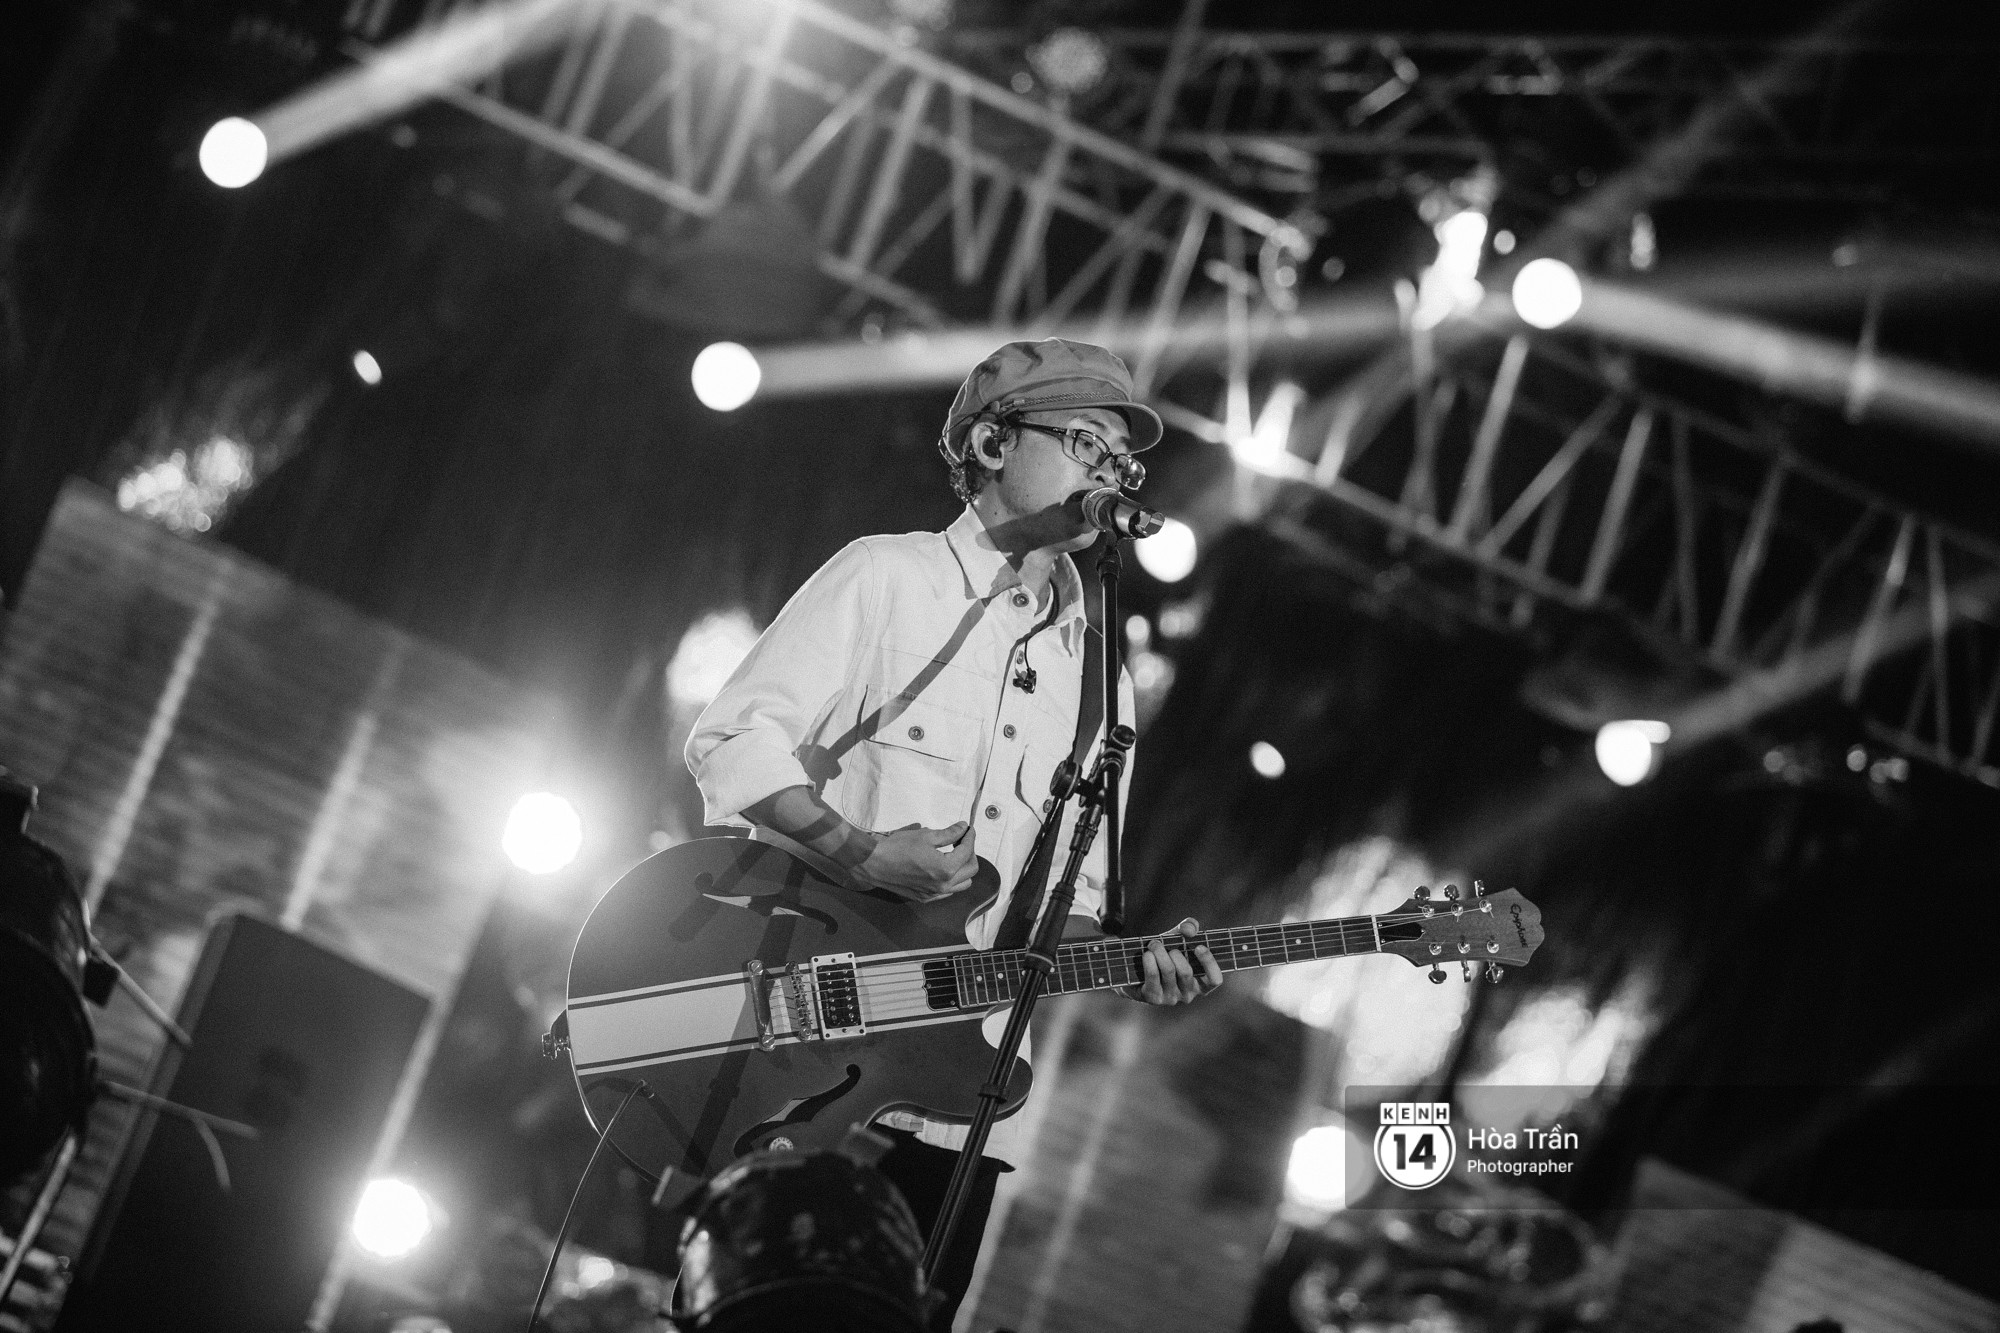 Đen Vâu, Vũ, Ngọt Band cũng loạt nghệ sỹ Indie đình đám khiến Sài Gòn tăng nhiệt tại Thơm Music Festival - Ảnh 4.